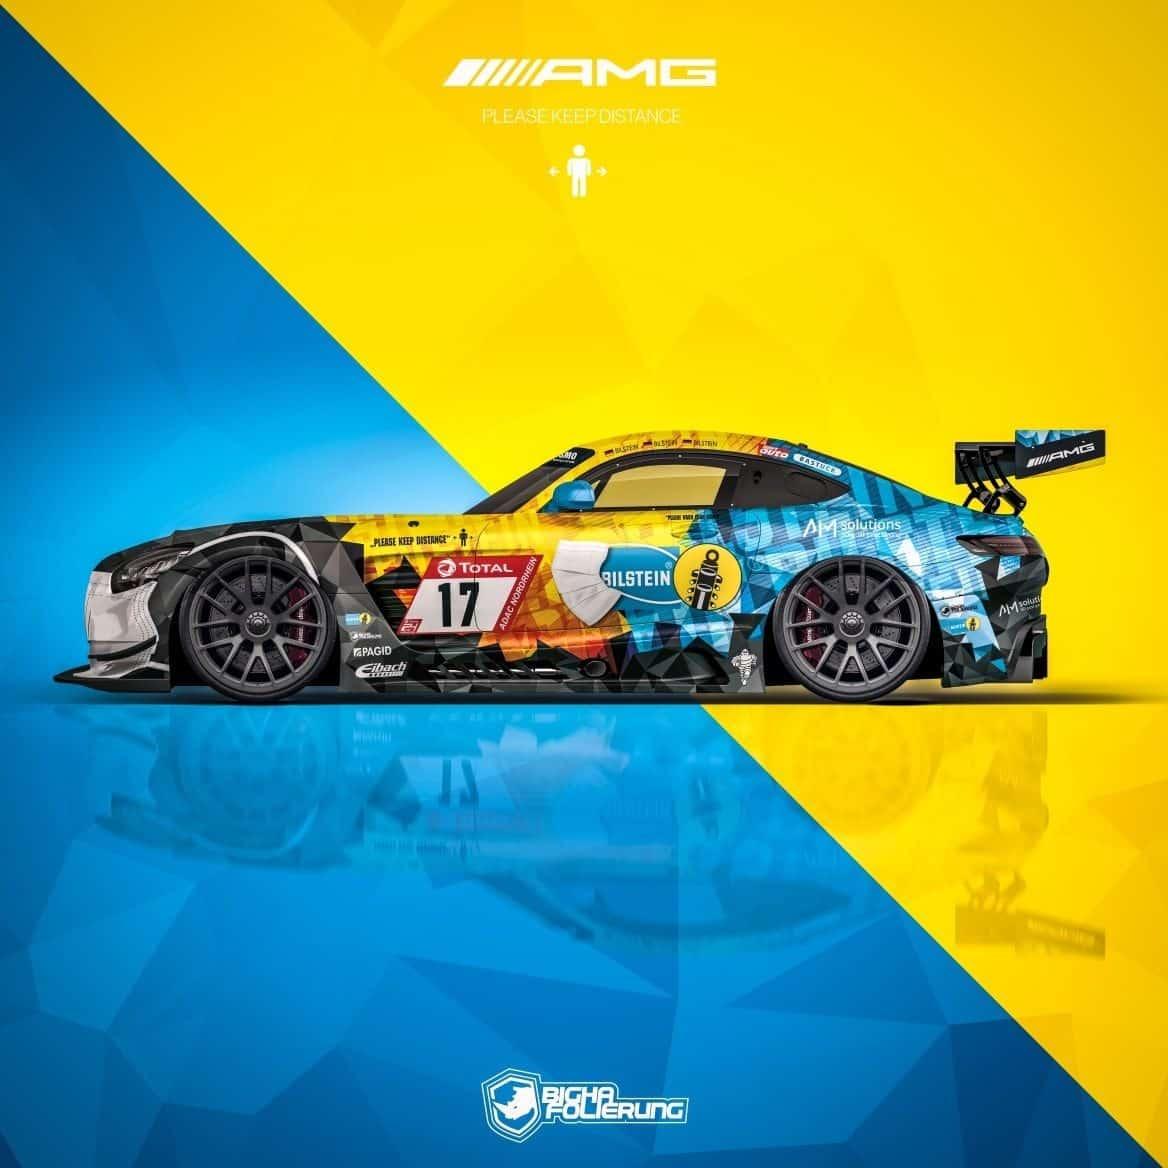 Design Bilstein AMG Gt3 Haupt Racing Team 24h Rennen